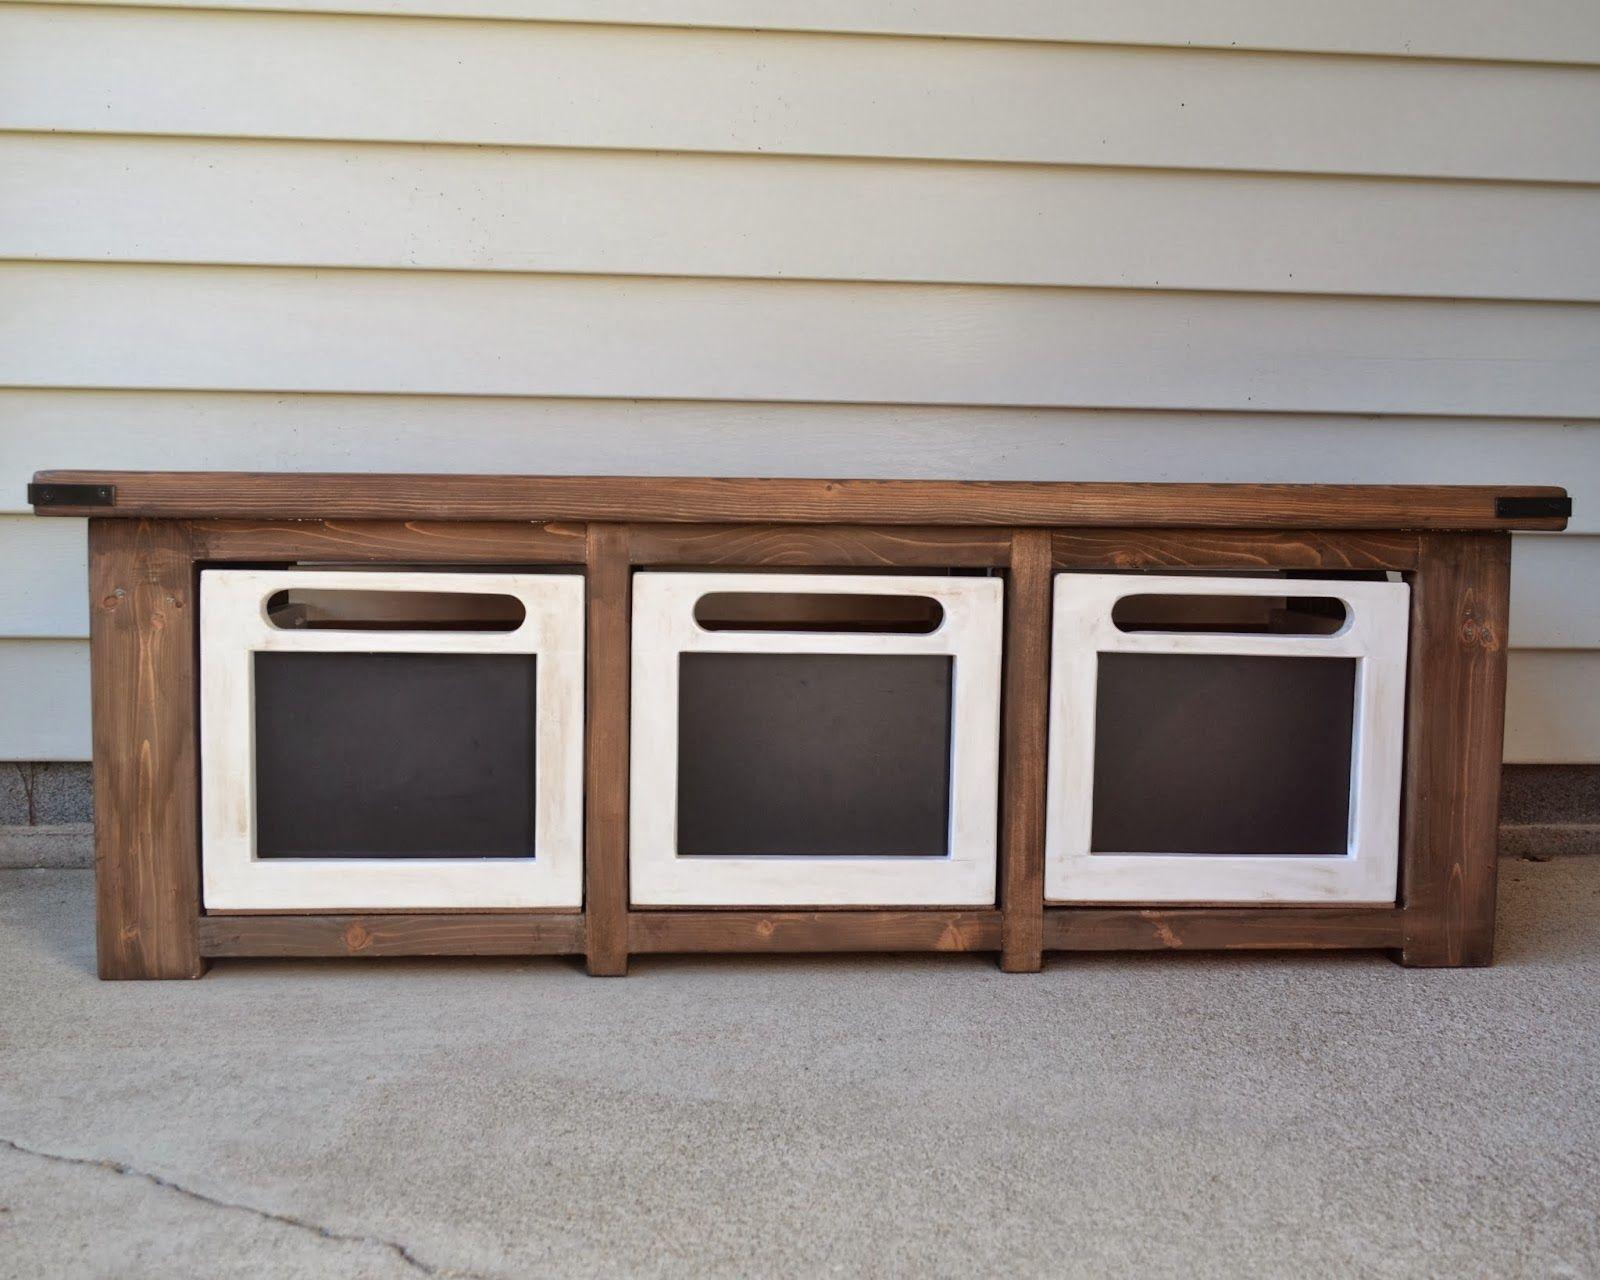 Finelooking three door built in storage entryway bench with oak